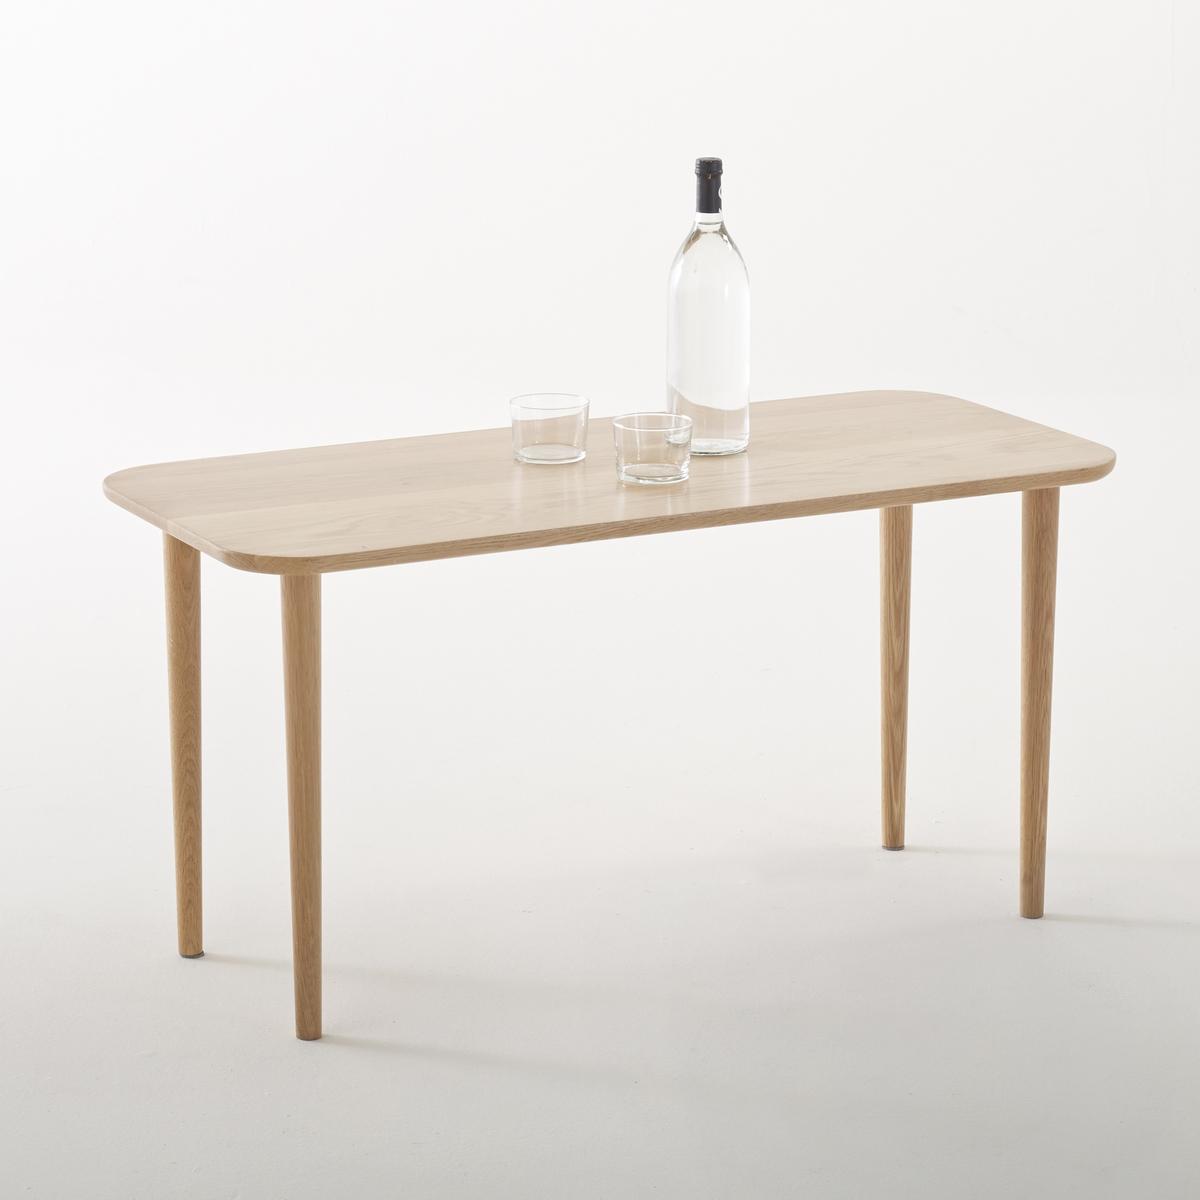 Столик журнальный из массива дуба, Crueso столик из массива дуба ariles